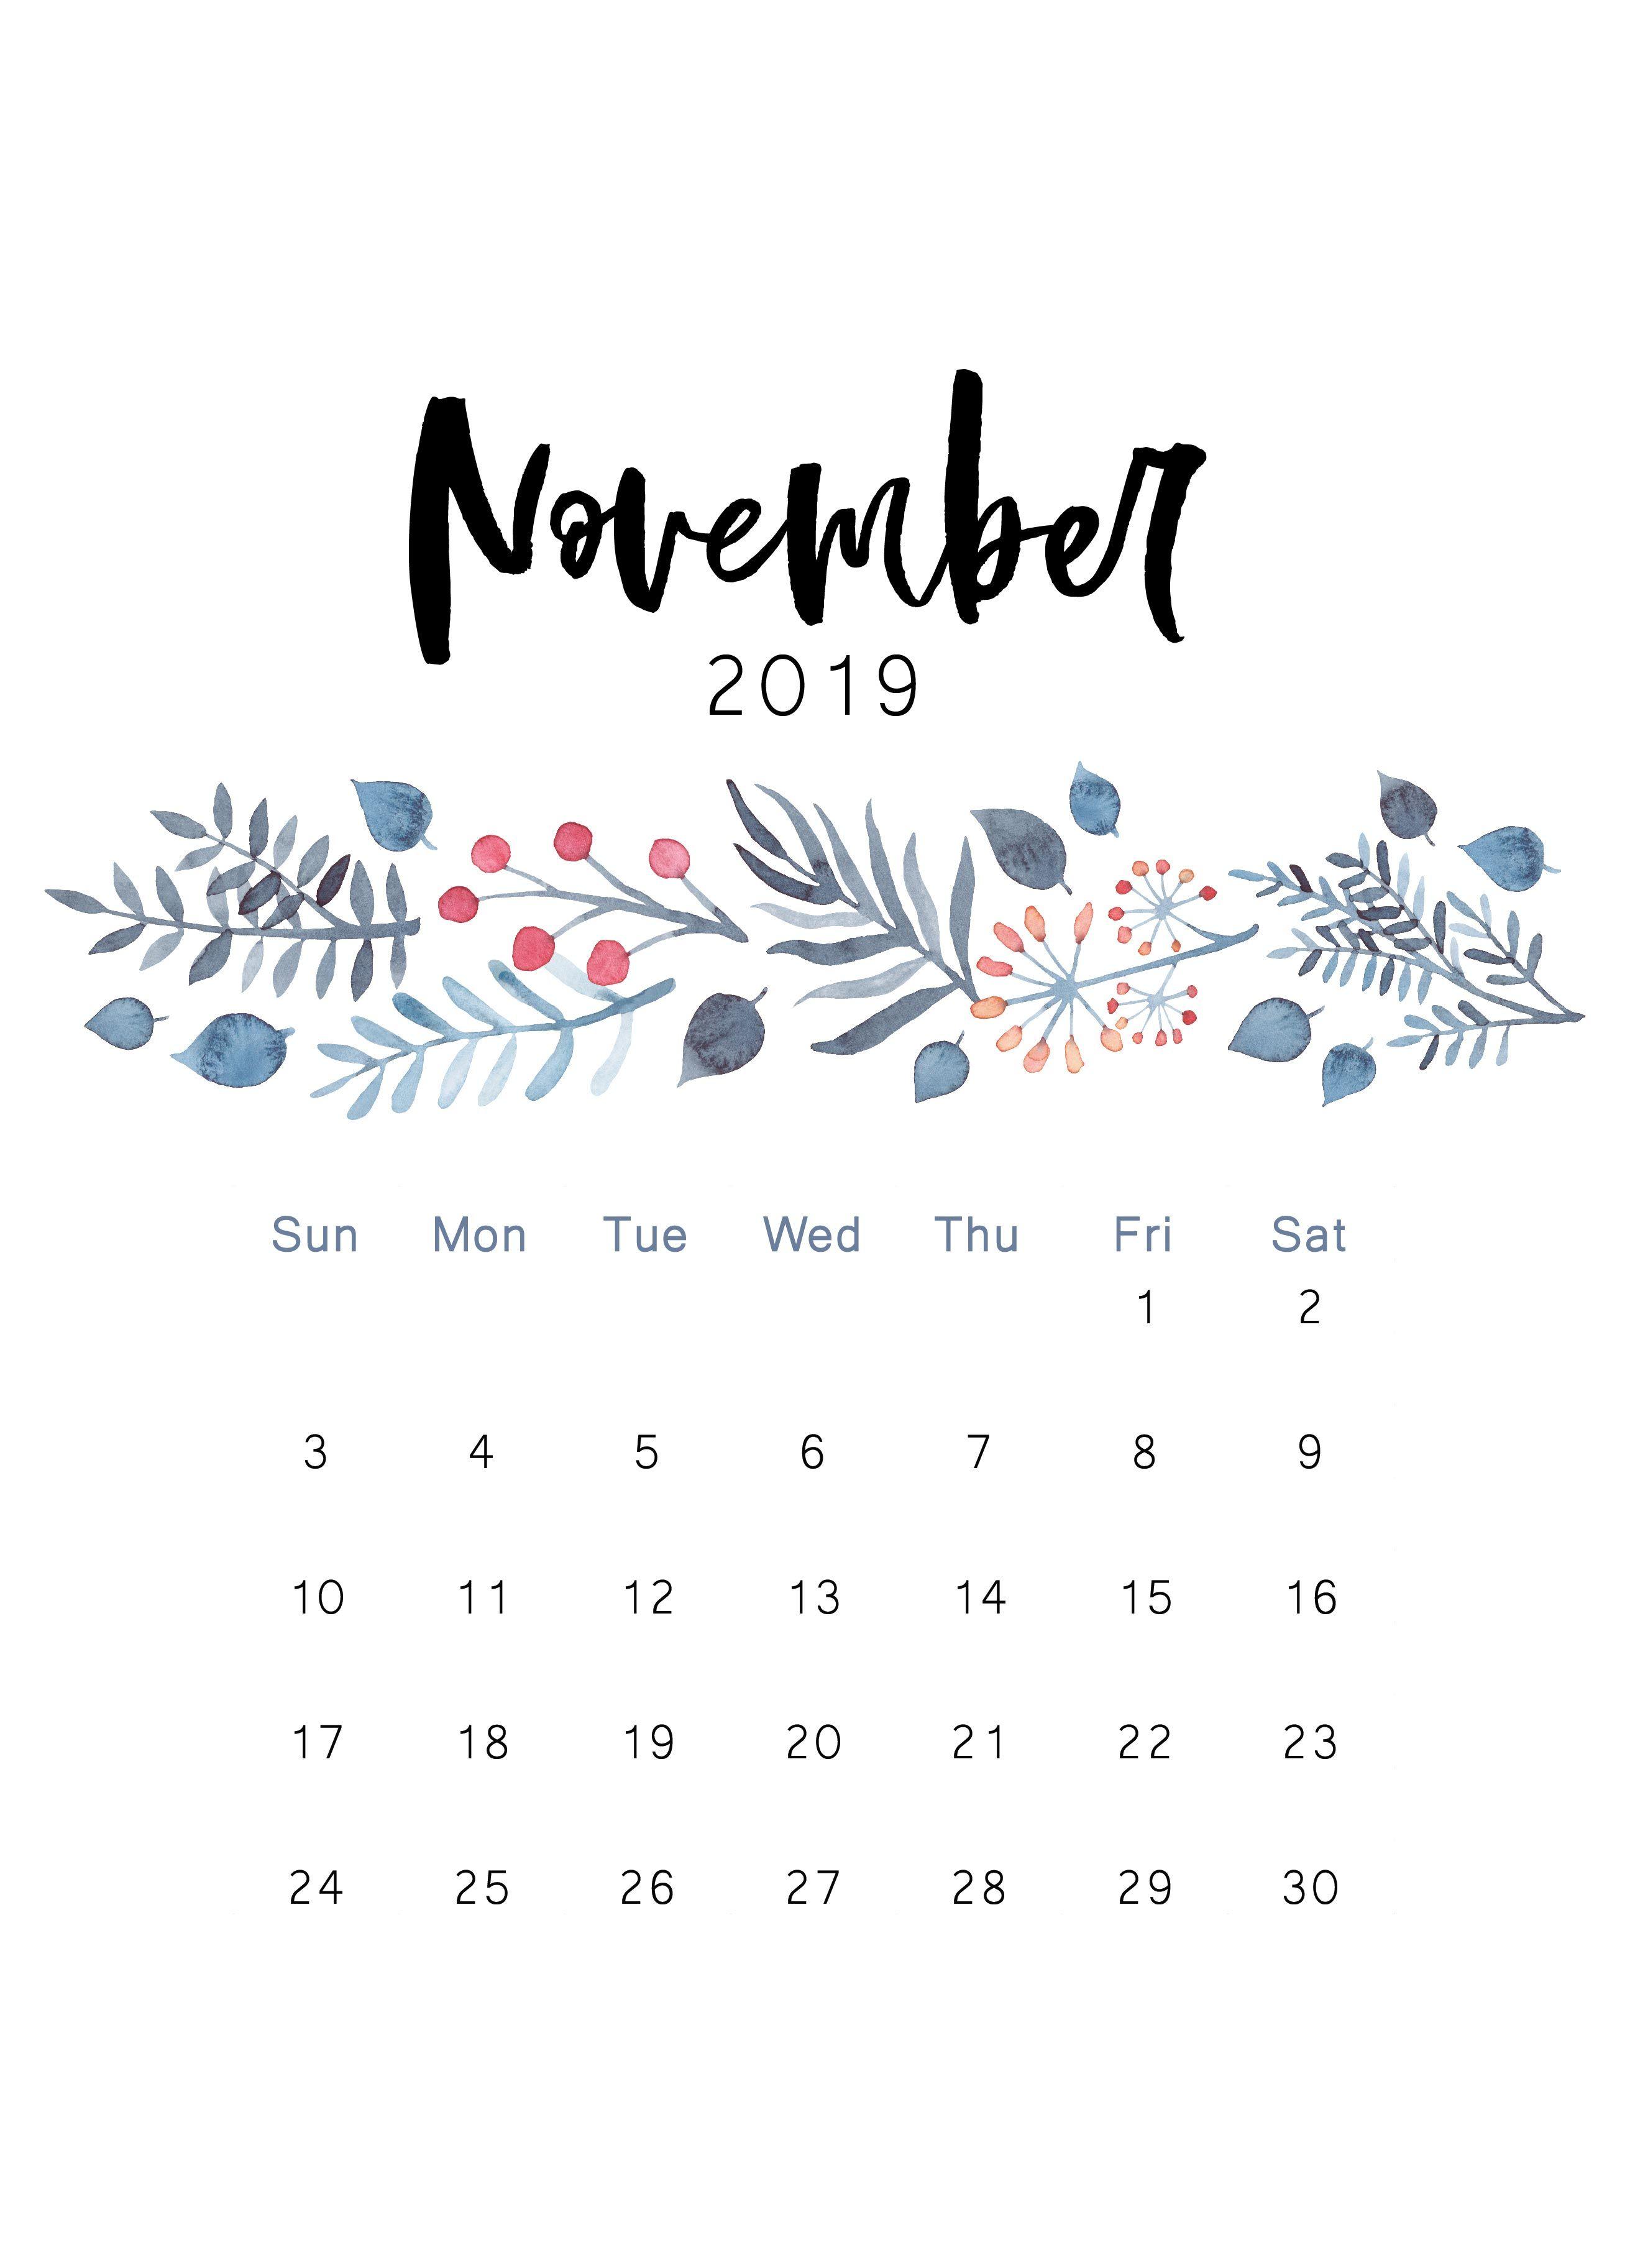 November 2019 Printable Calendar The Cactus Creative Calendar